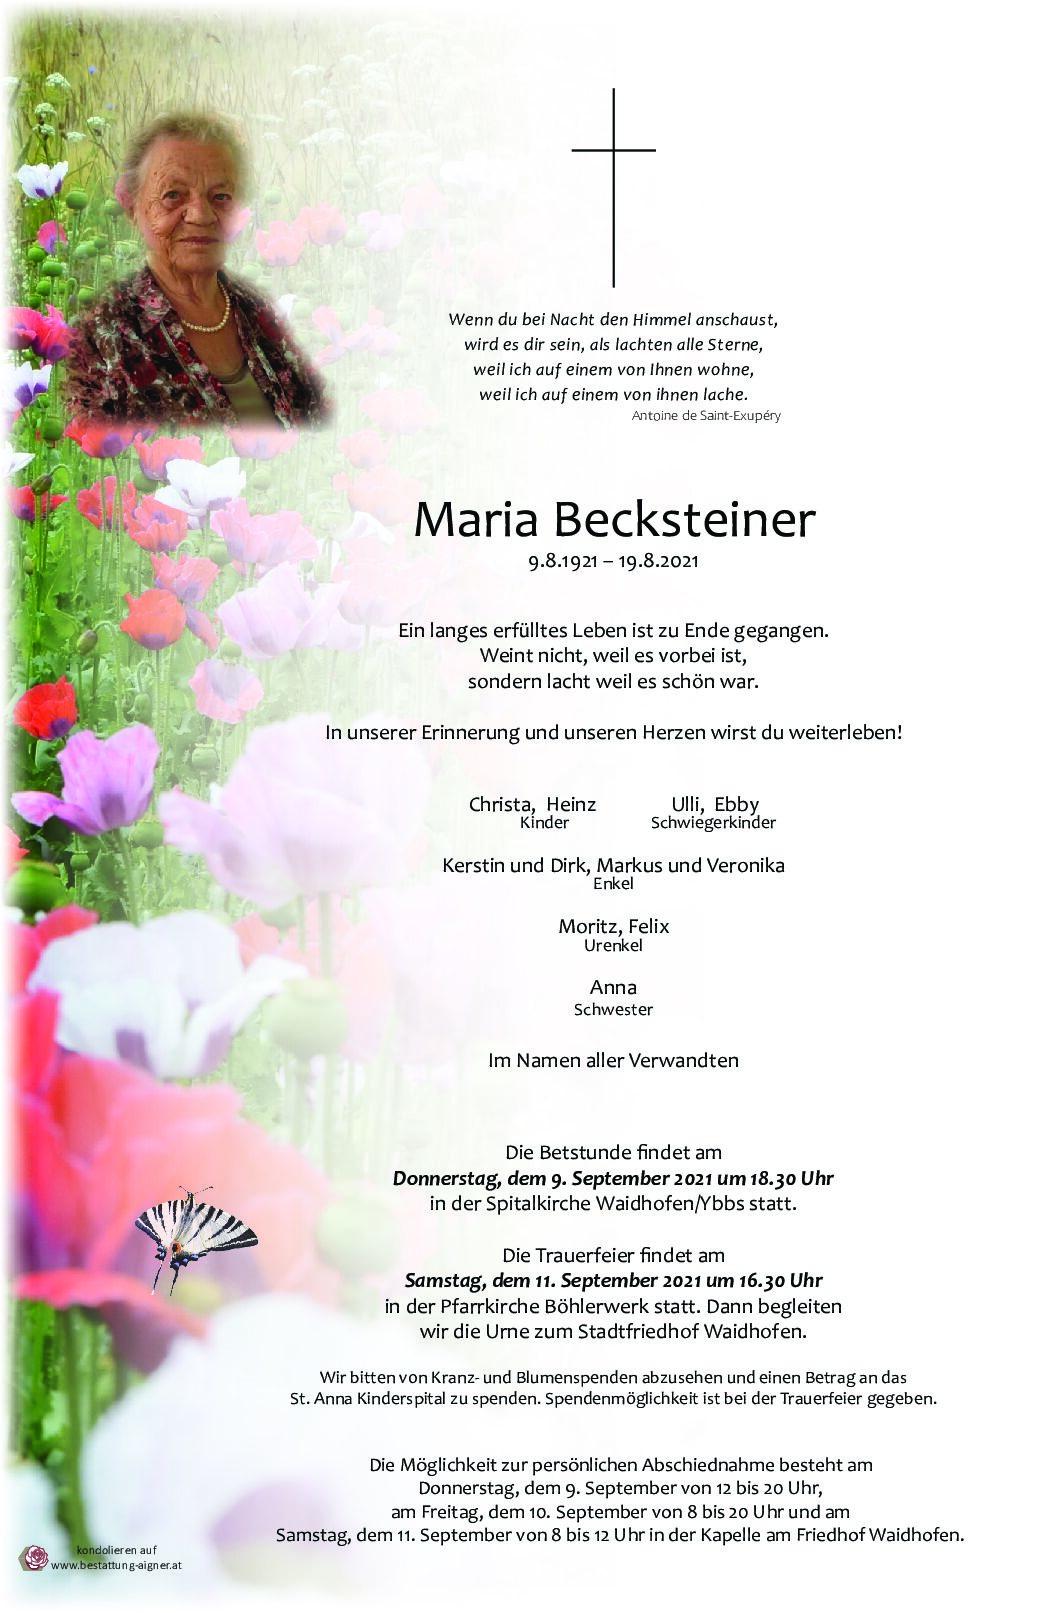 Maria Becksteiner